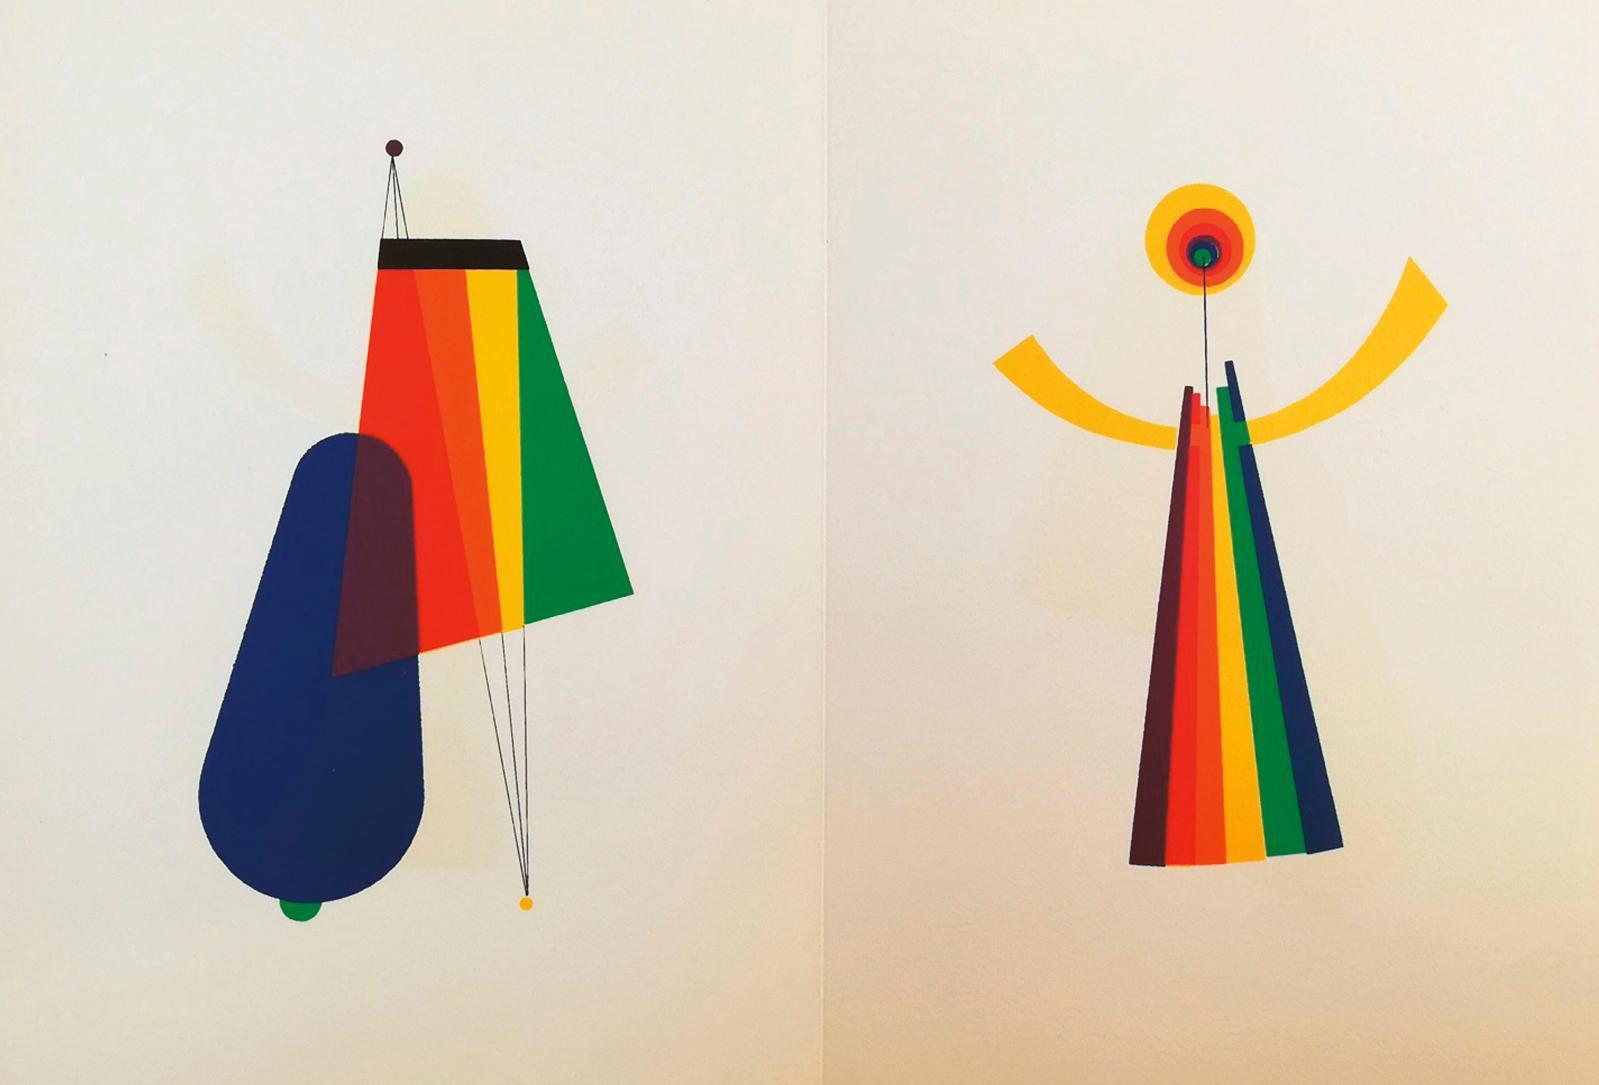 Man Ray (1890-1976), Pain peint, catalogue d'exposition, Galerie Alexandre Iolas, 1973, avec 10 compositions originales en couleurs, 2pho